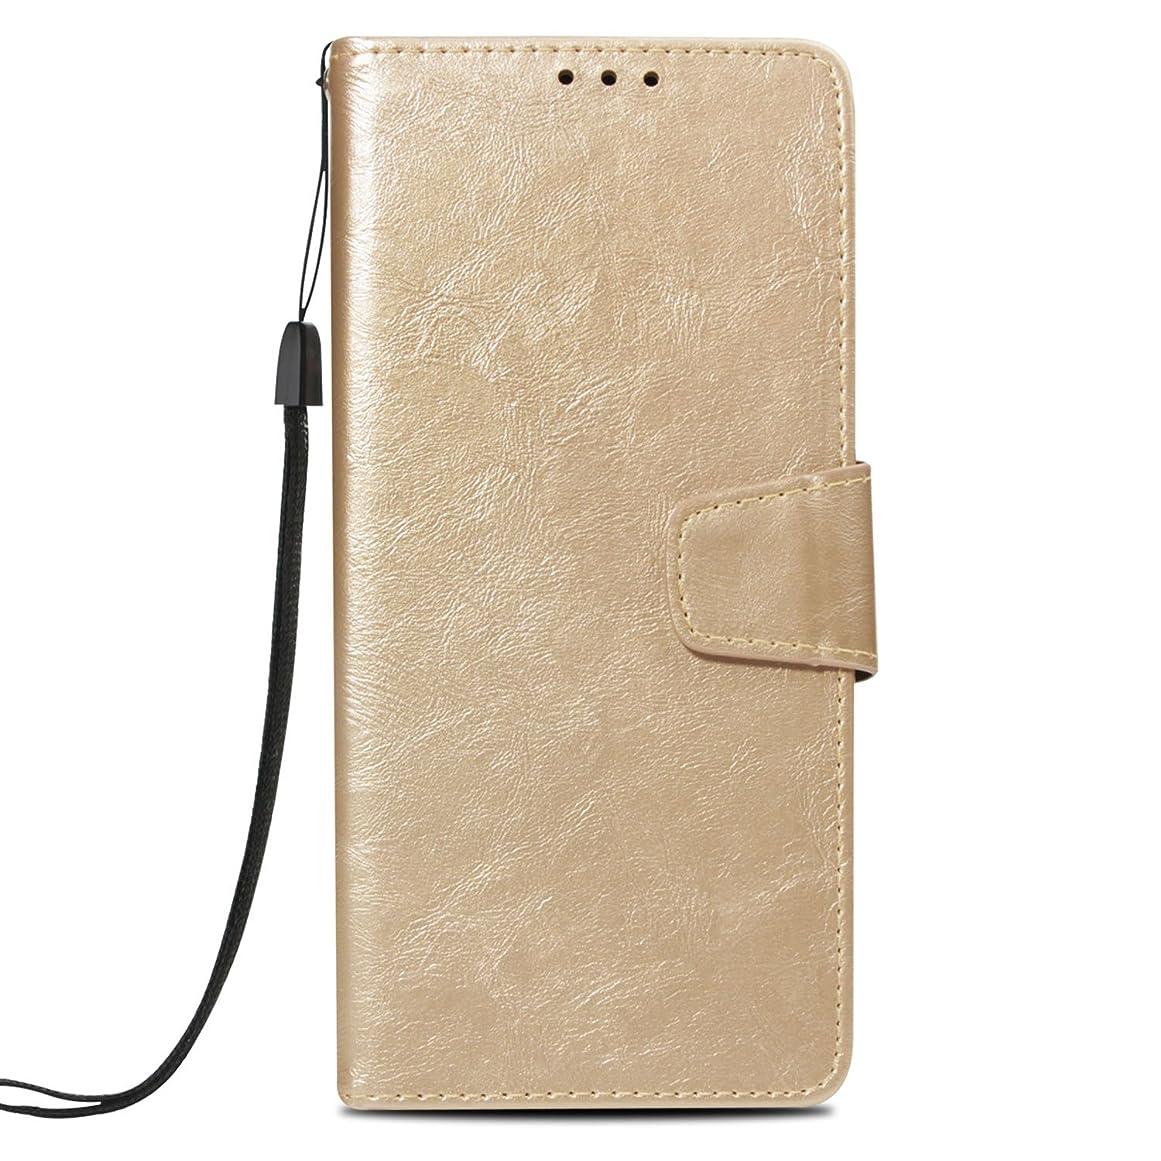 偽造乳白色道路iPhone XR レザーケース 高質 カバー 内蔵マグネット 手帳型ケース レトロスタイル カード収納 耐汚れ 耐衝撃 横置きスタンド 財布型 人気 おしゃれ 携帯カバー(金)